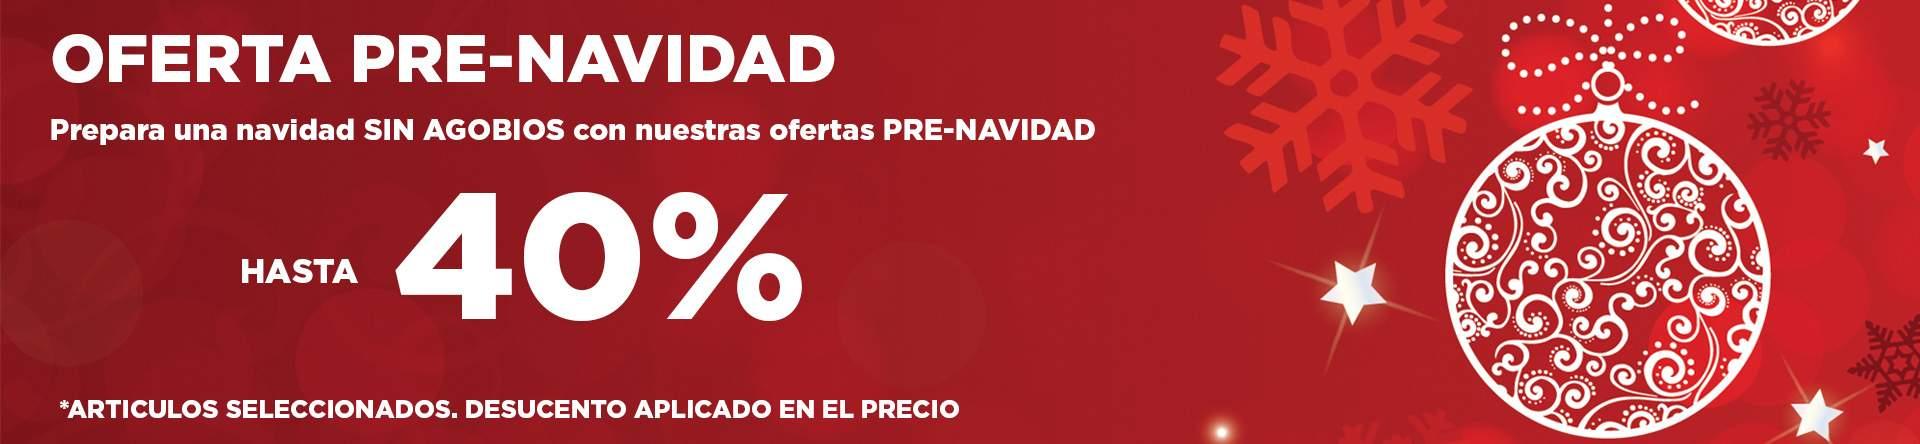 HASTA EL 40%